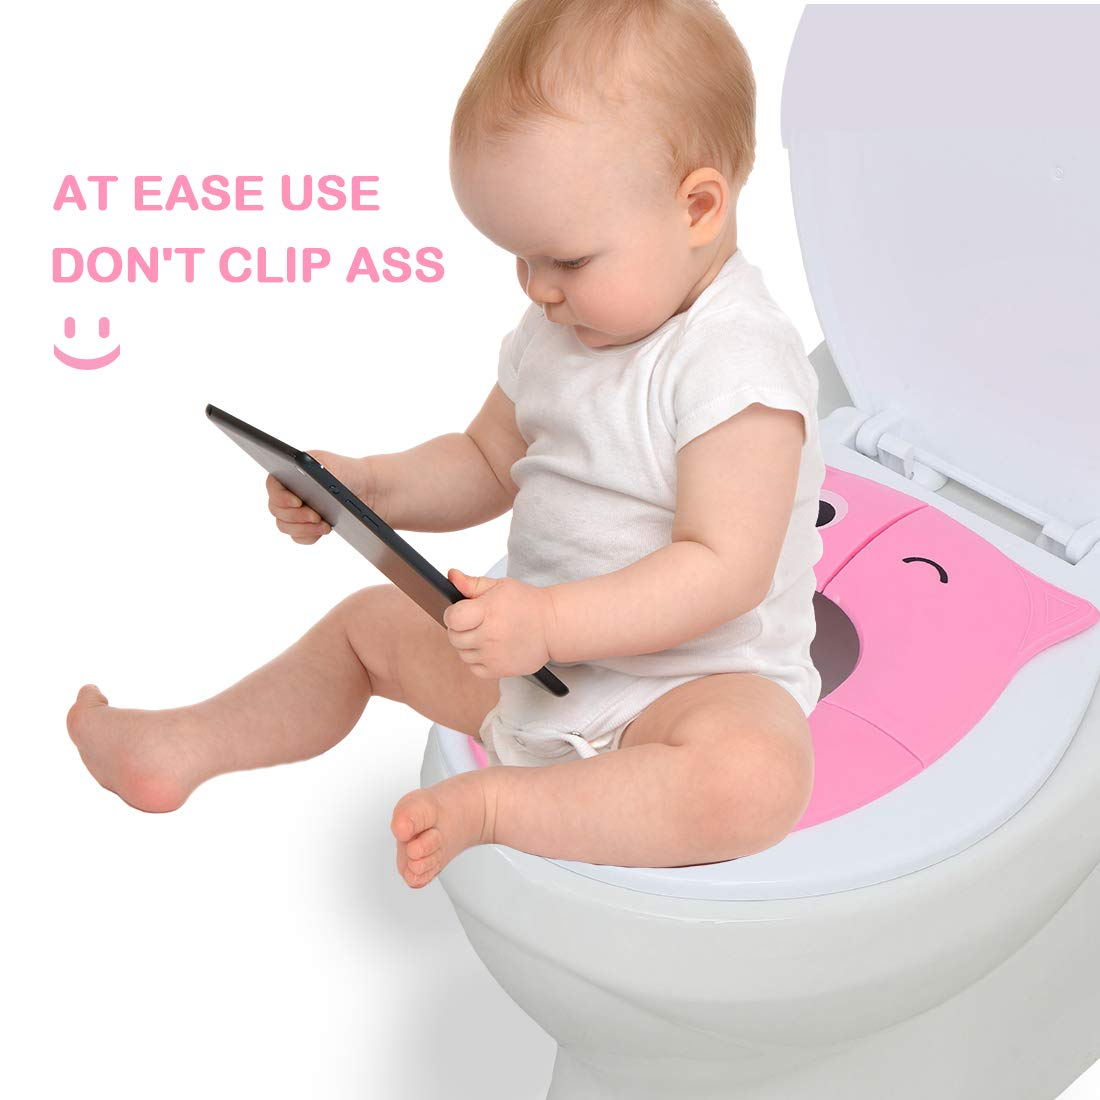 rosa Biyi einstellbare baby shampoo kappe sicher baden schutz bad kappe f/ür kinder duschhaube baby kleinkind kinder waschen haar schild hut